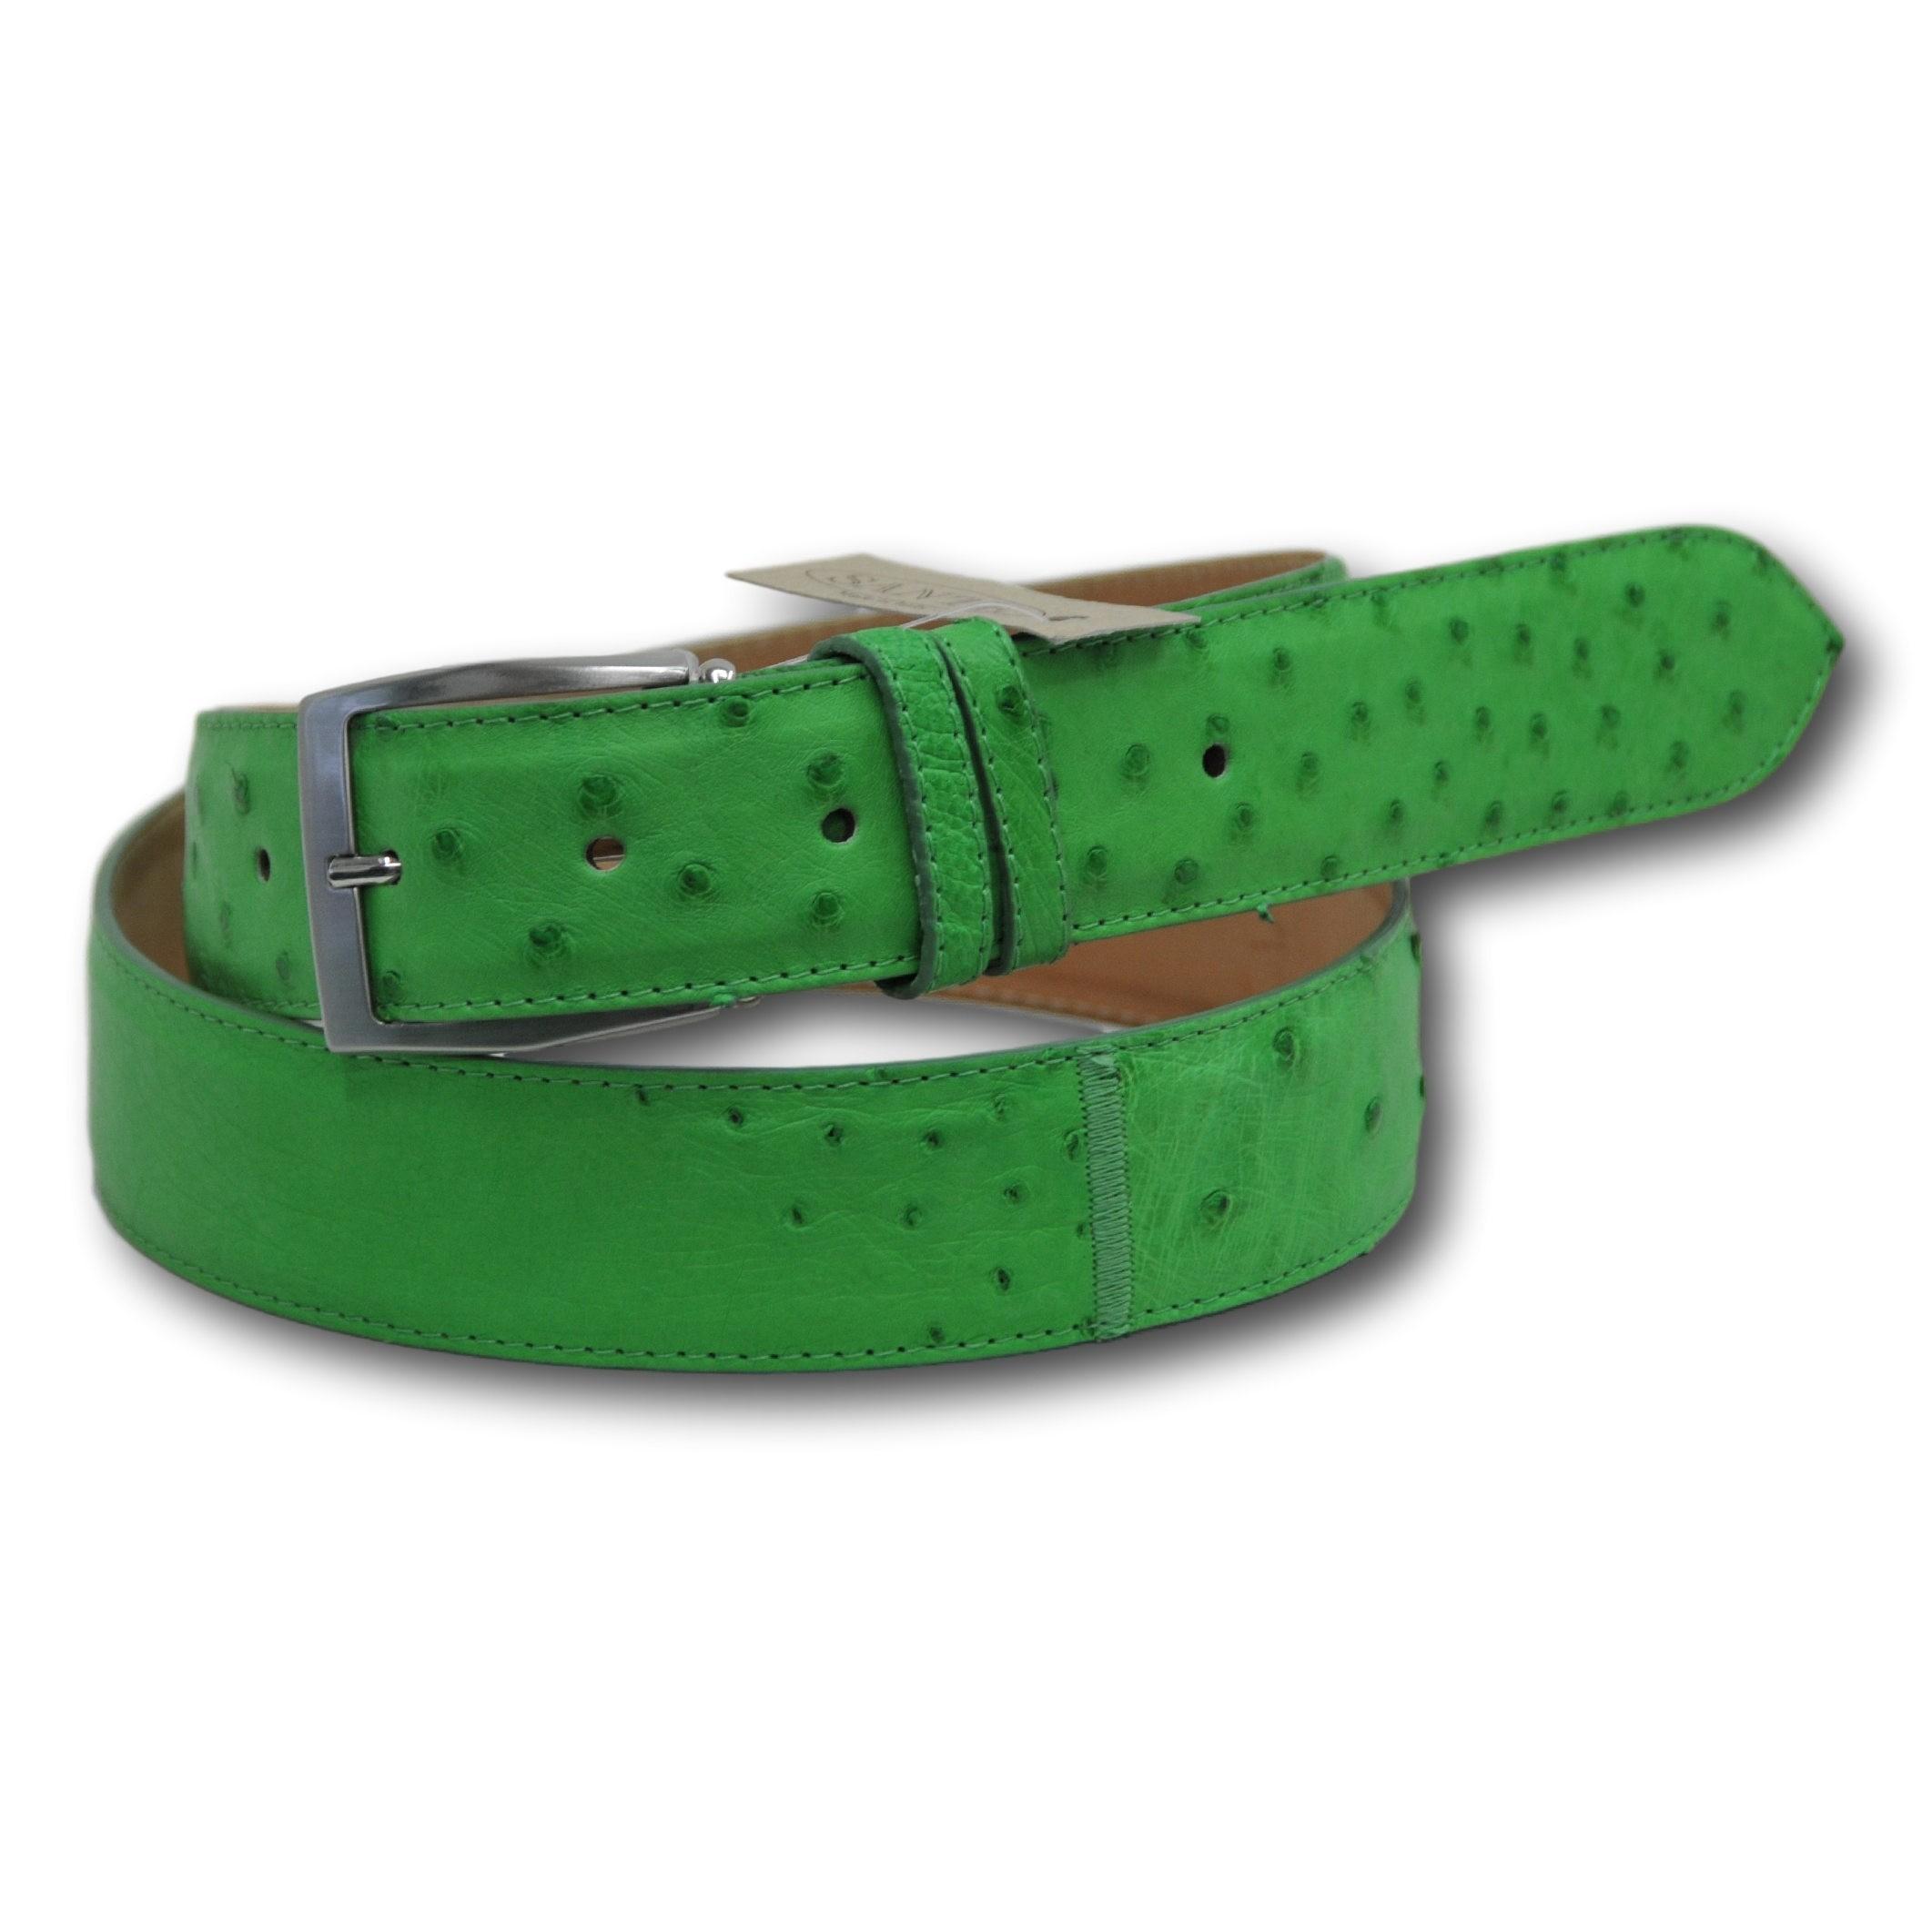 Cintura in vera pelle di struzzo colore verde fluo